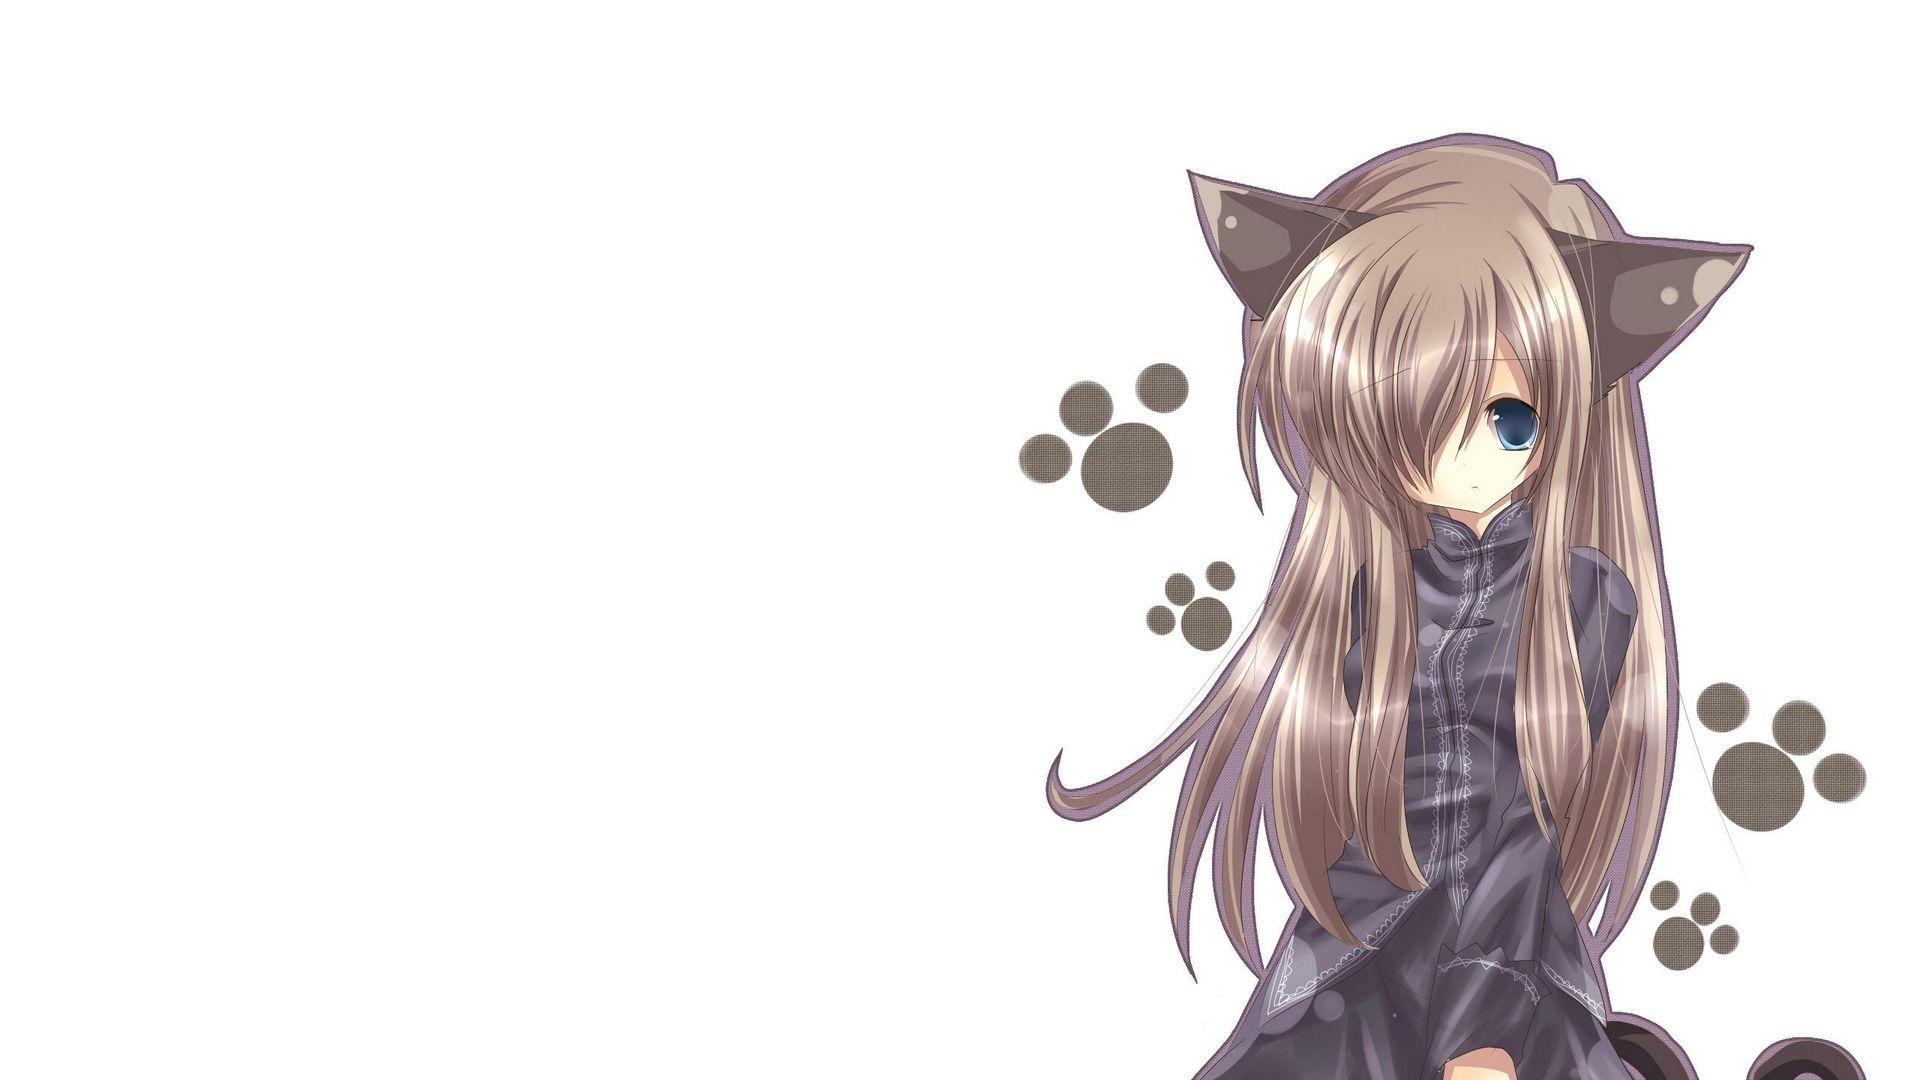 Cat Girl, Nekomimi, Art, Anime, Girl Wallpaper Full Hd, Hdtv, Fhd,